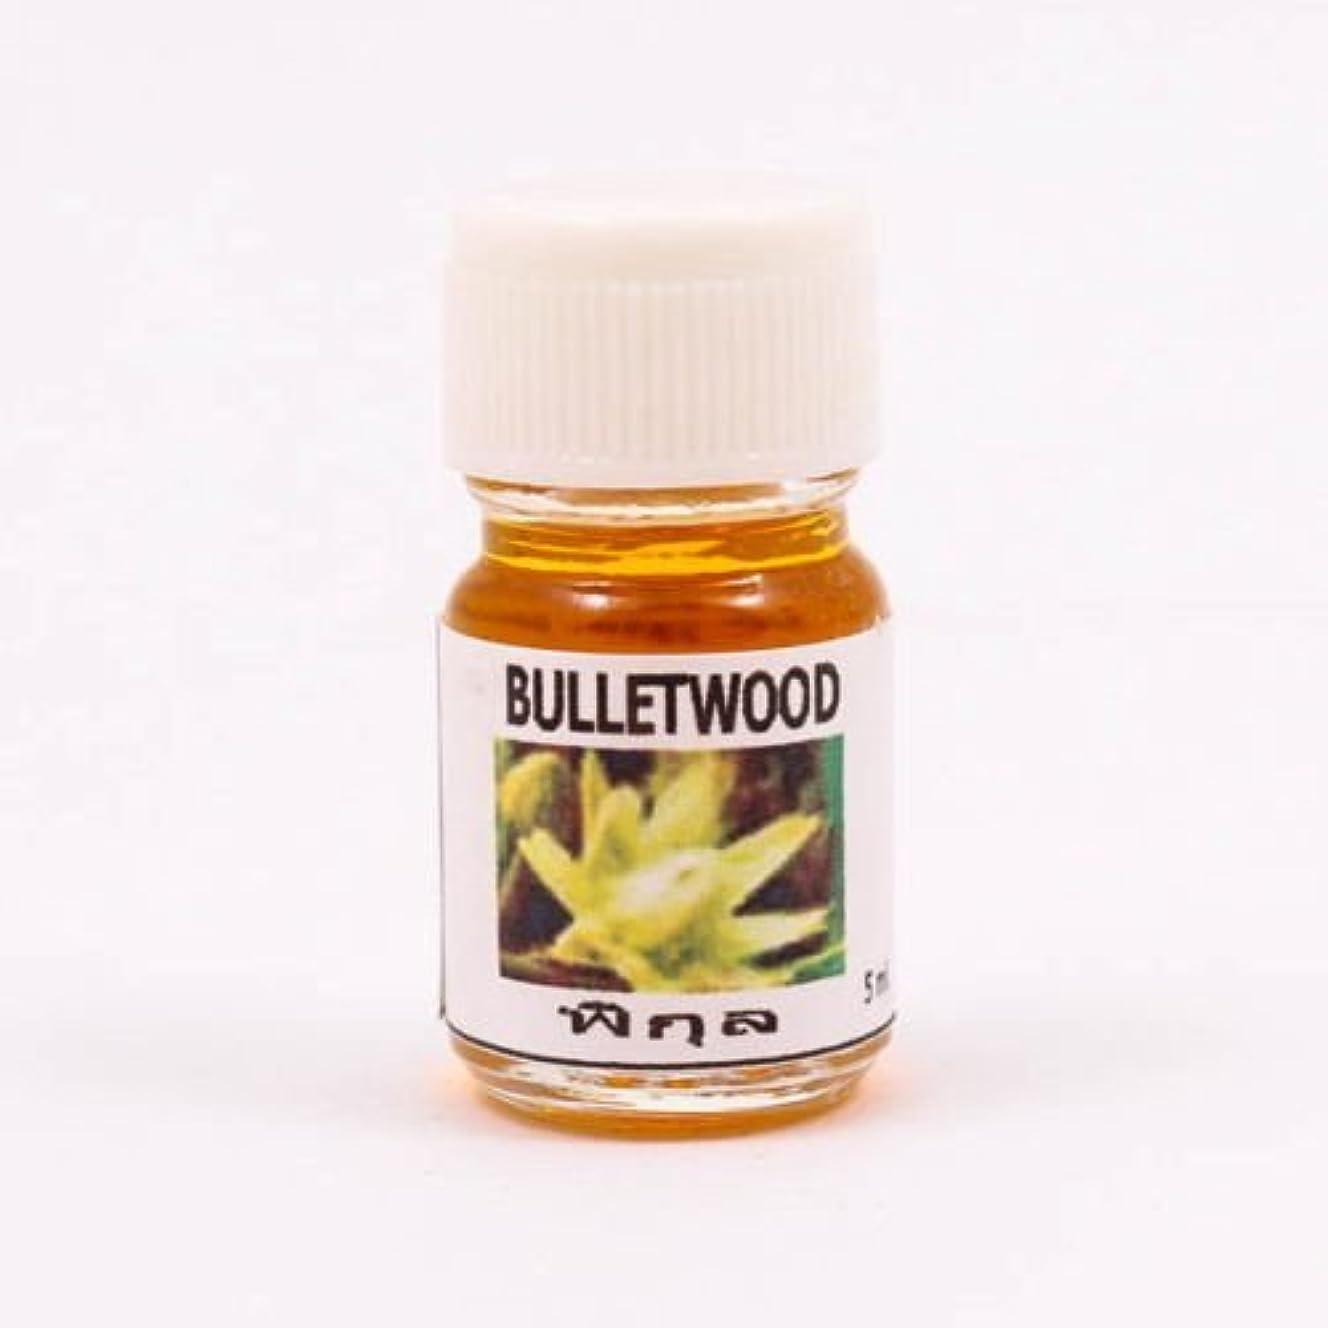 ホバート恐れ行方不明6X Bulletwood Aroma Fragrance Essential Oil 5ML. Diffuser Burner Therapy